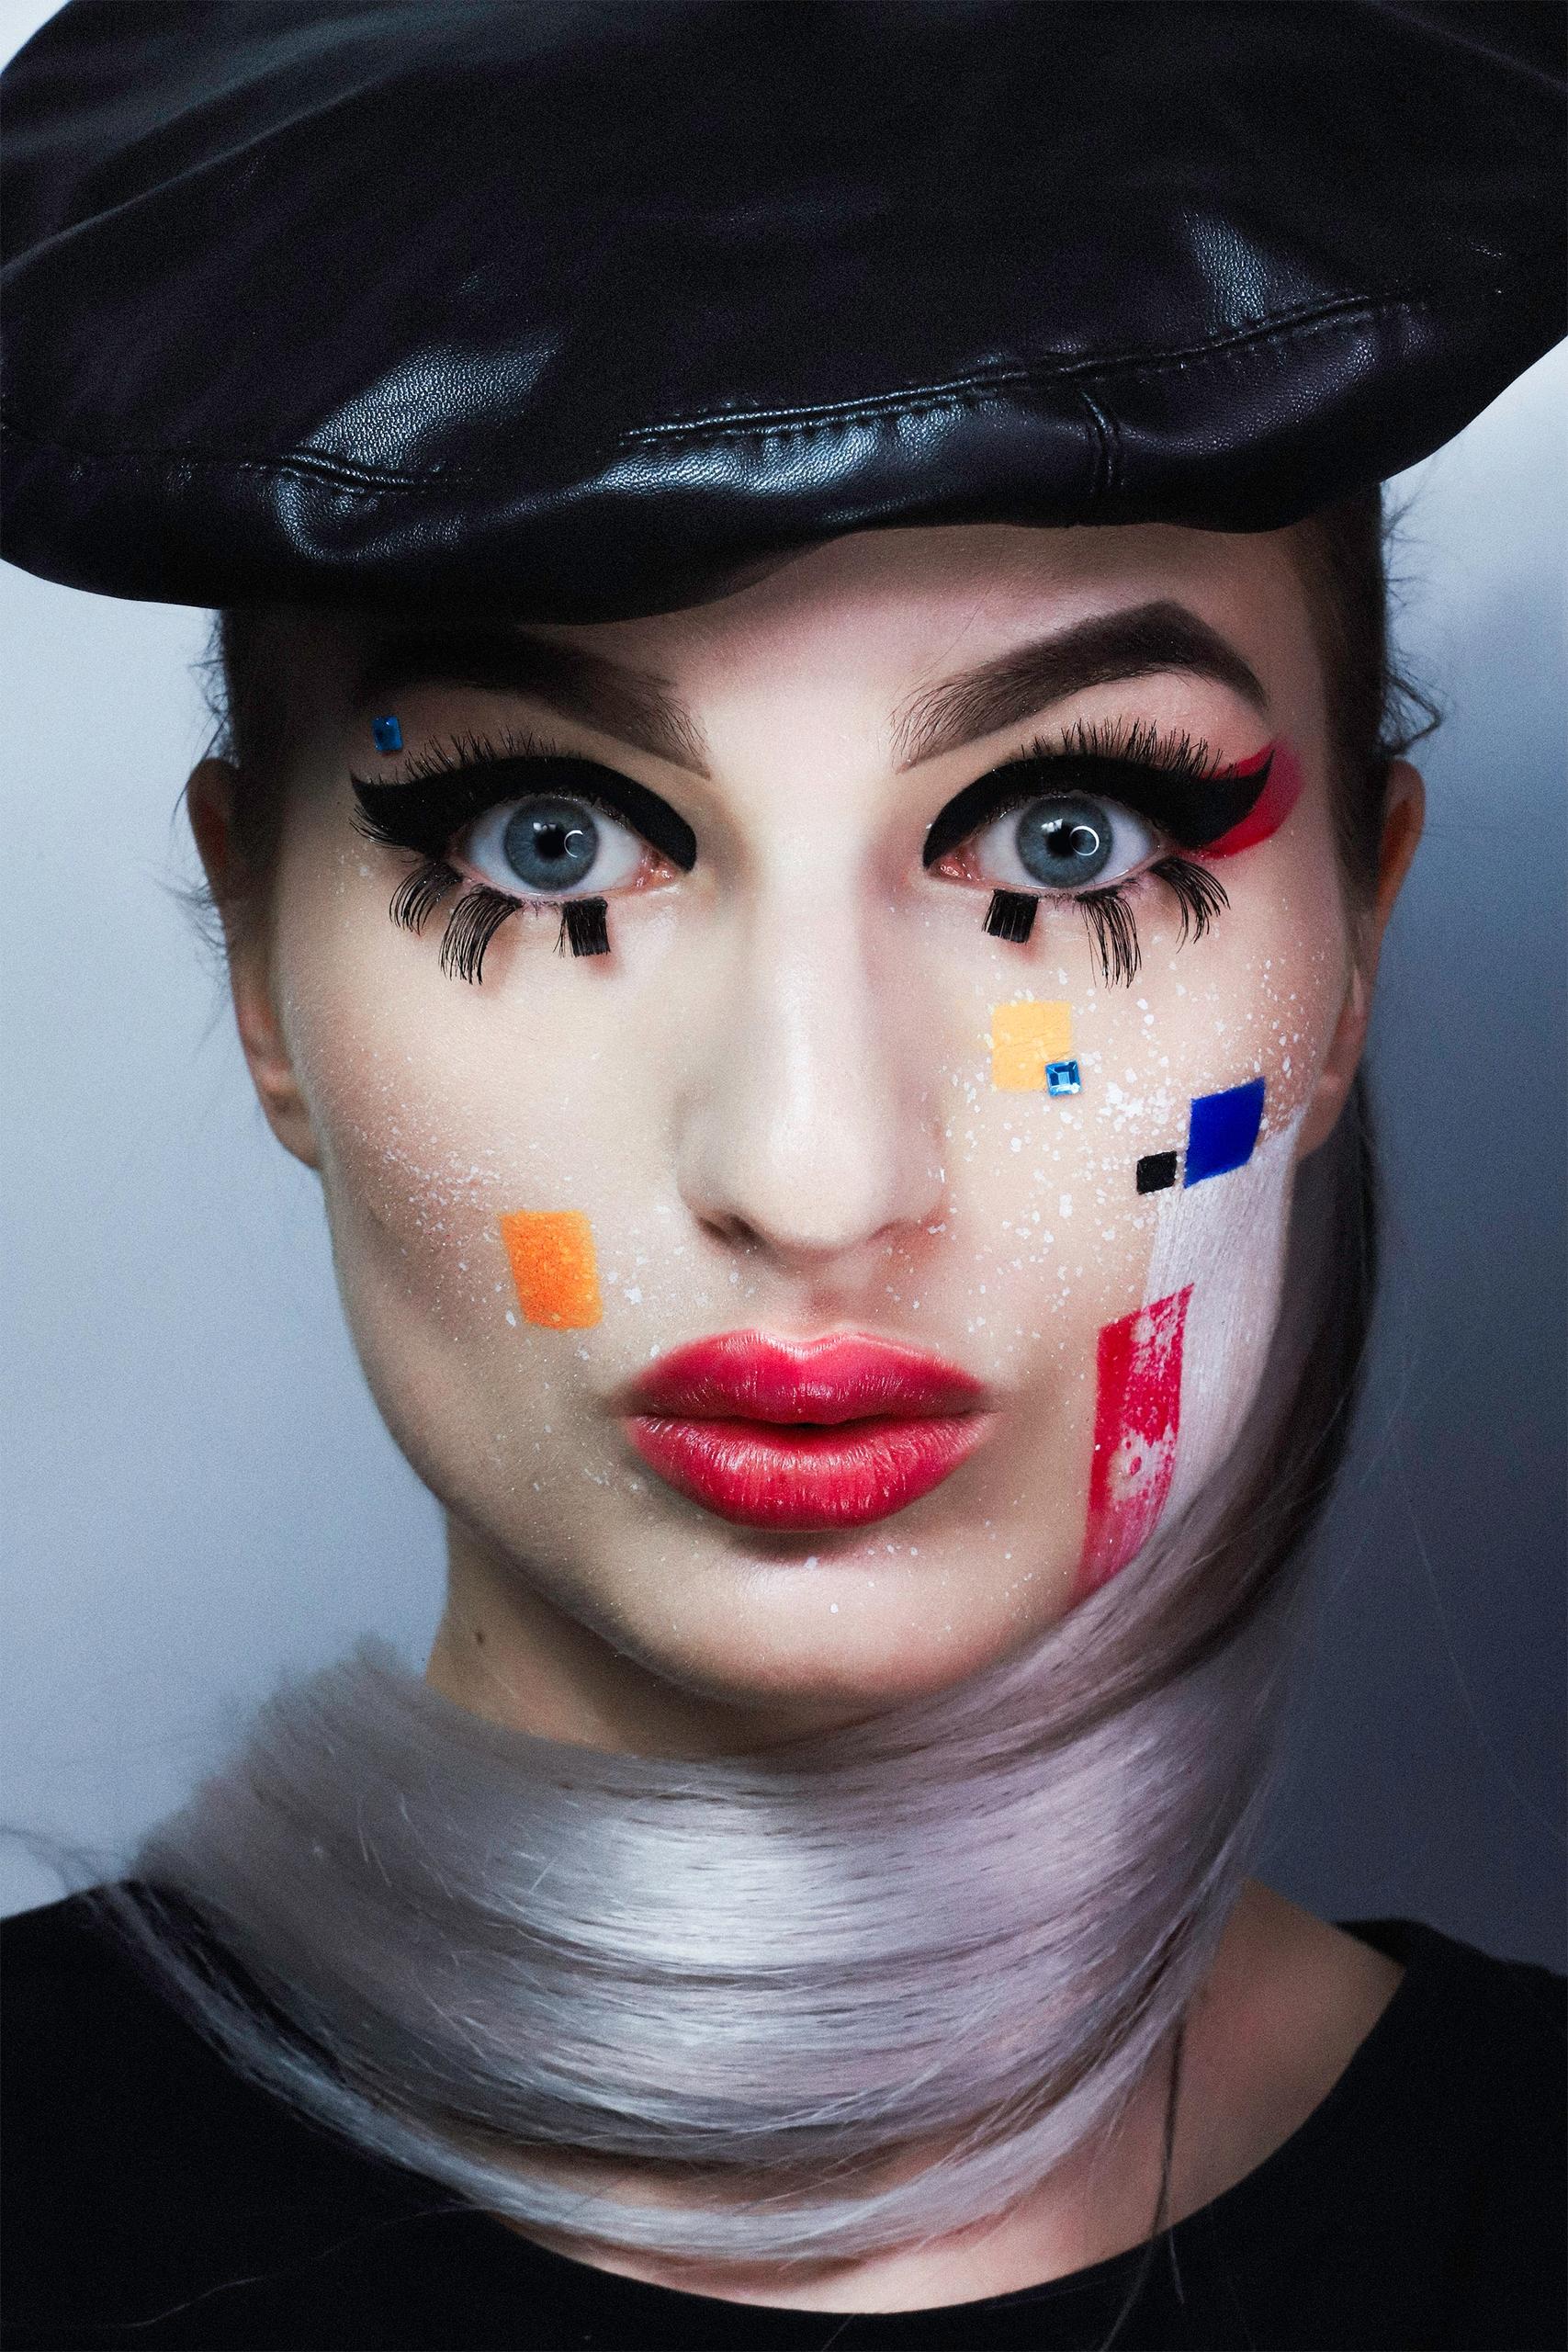 Fotografia przedstawia portret kobiety w kolorowym makijażu i czarnym skórzanym berecie.